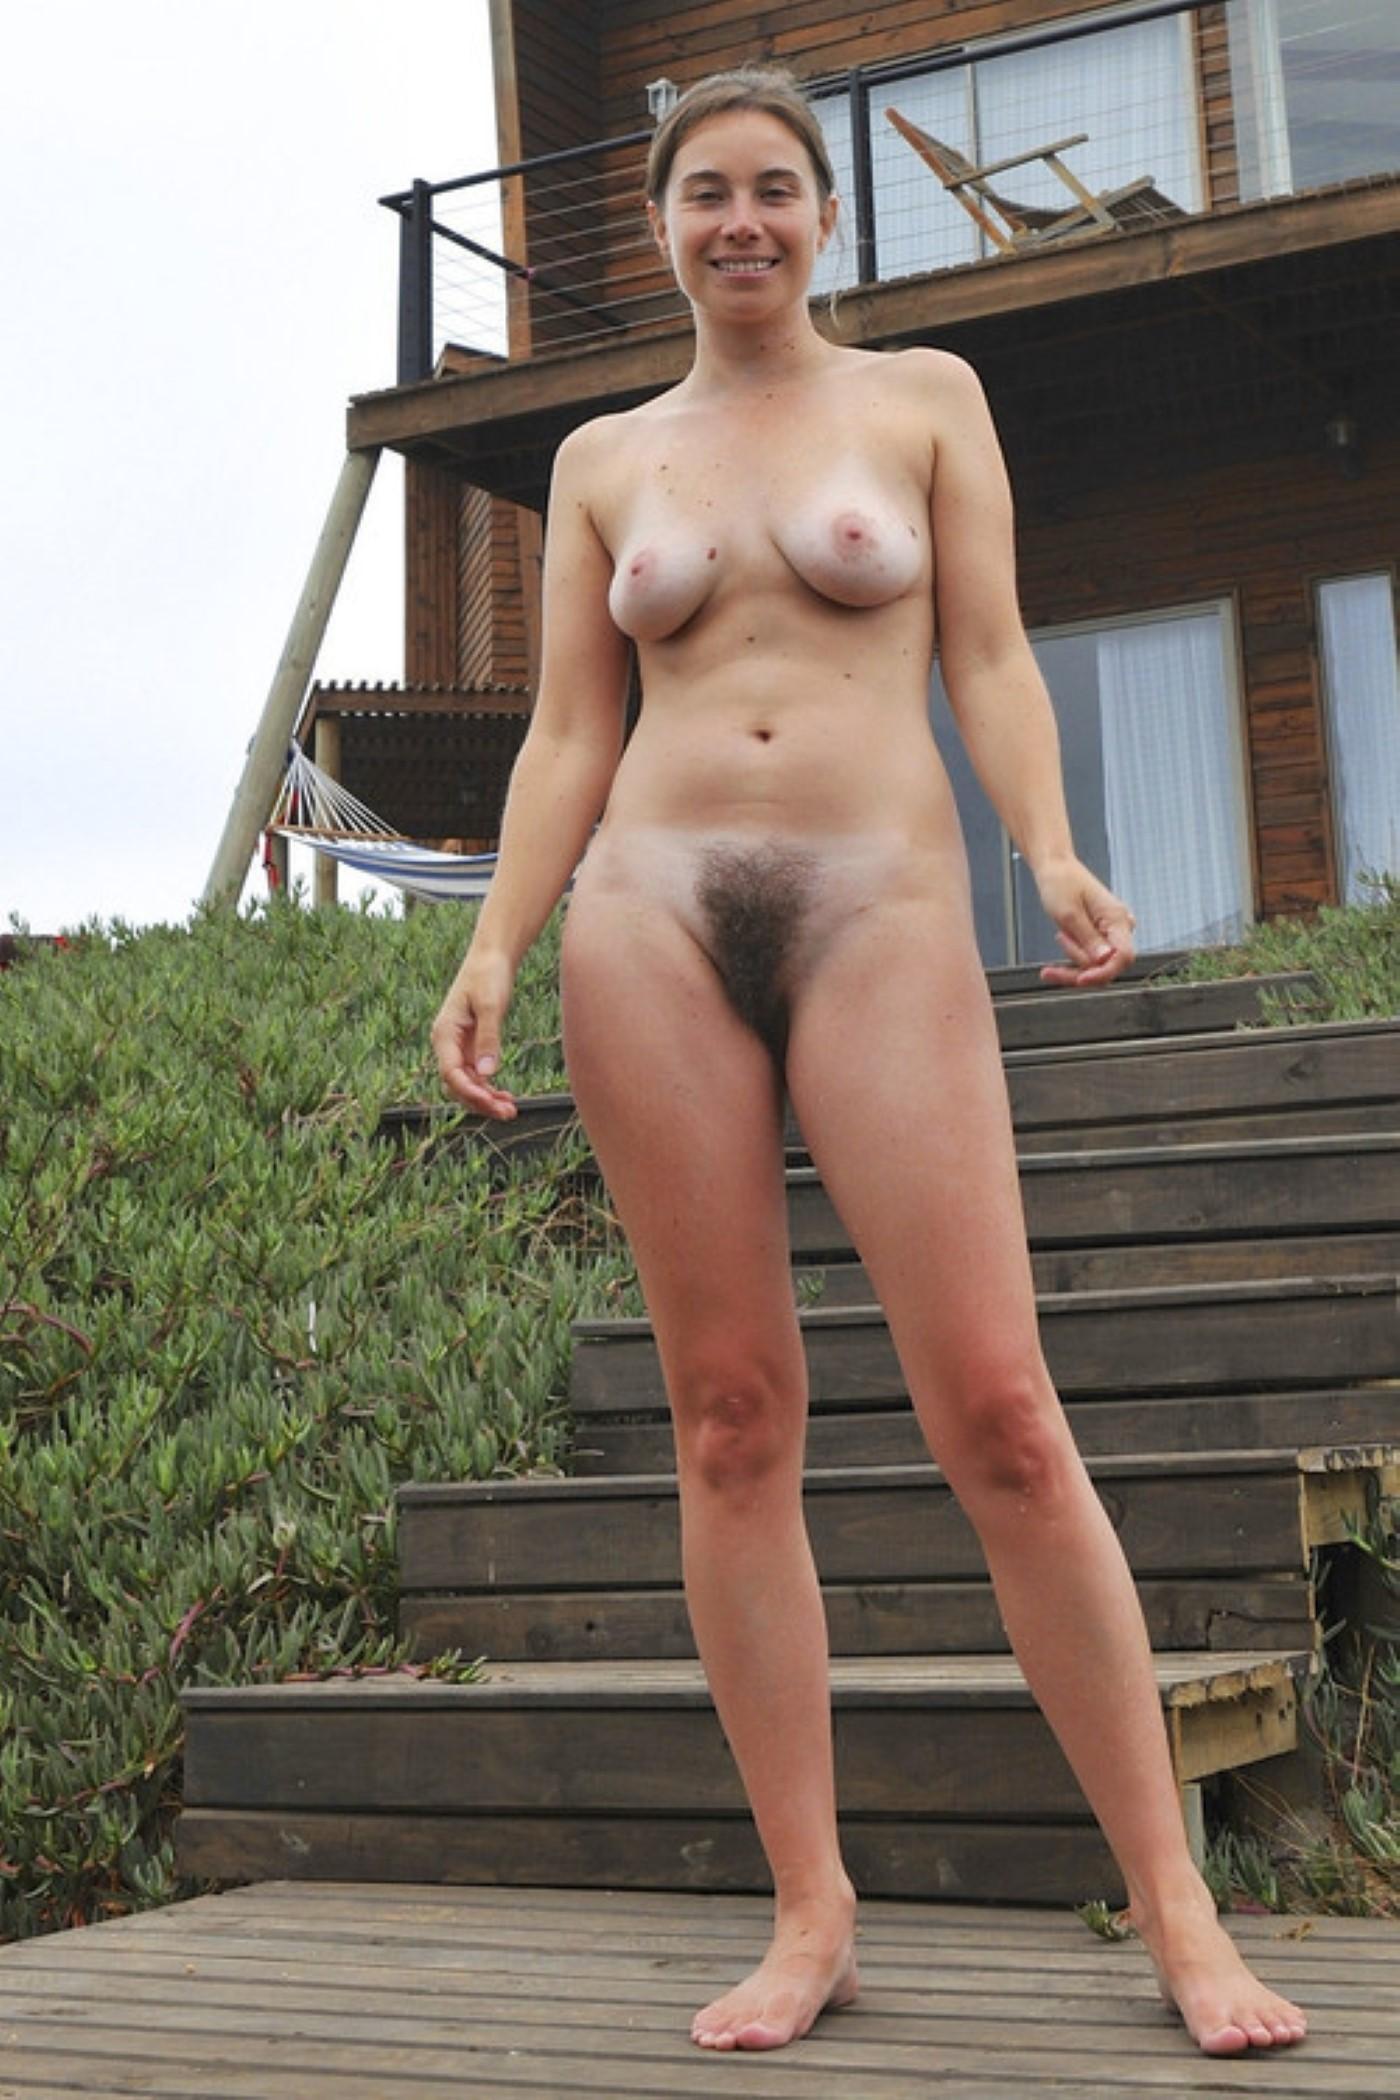 amateur Mädchen - Gratis Deutsche PornoFotos und SexBilder - Bild 134